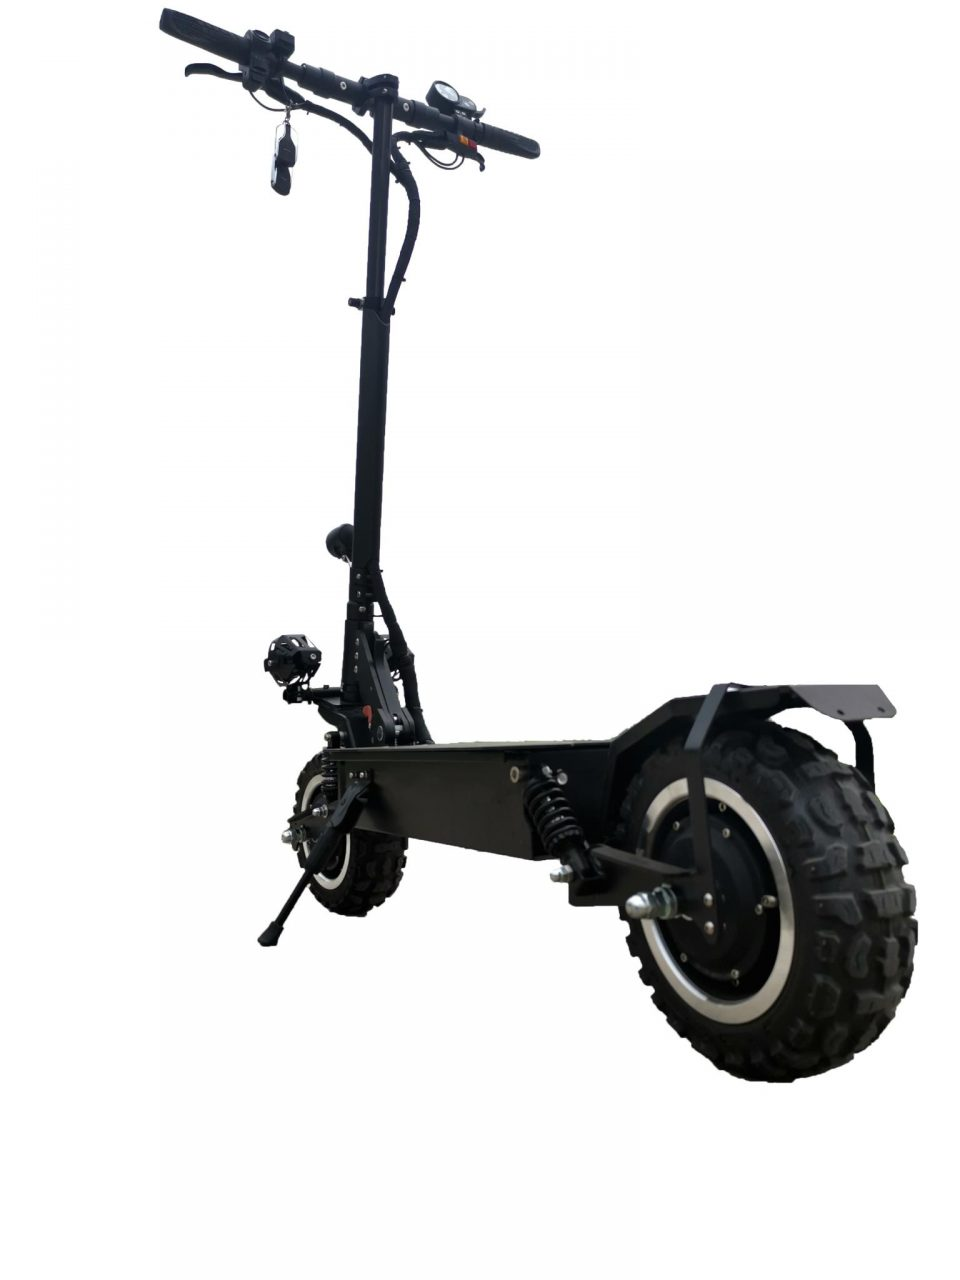 FORCA DUALKING 5600 GTR PRO ElektroScooter Elektroroller 8 960x1280 - DualKing-5600 GTR56